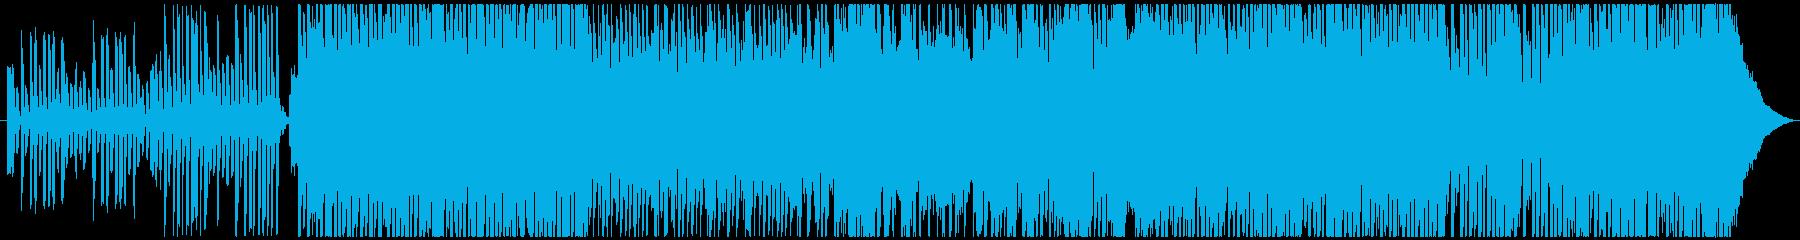 【ショート】優しさ・希望 口笛ポップスの再生済みの波形